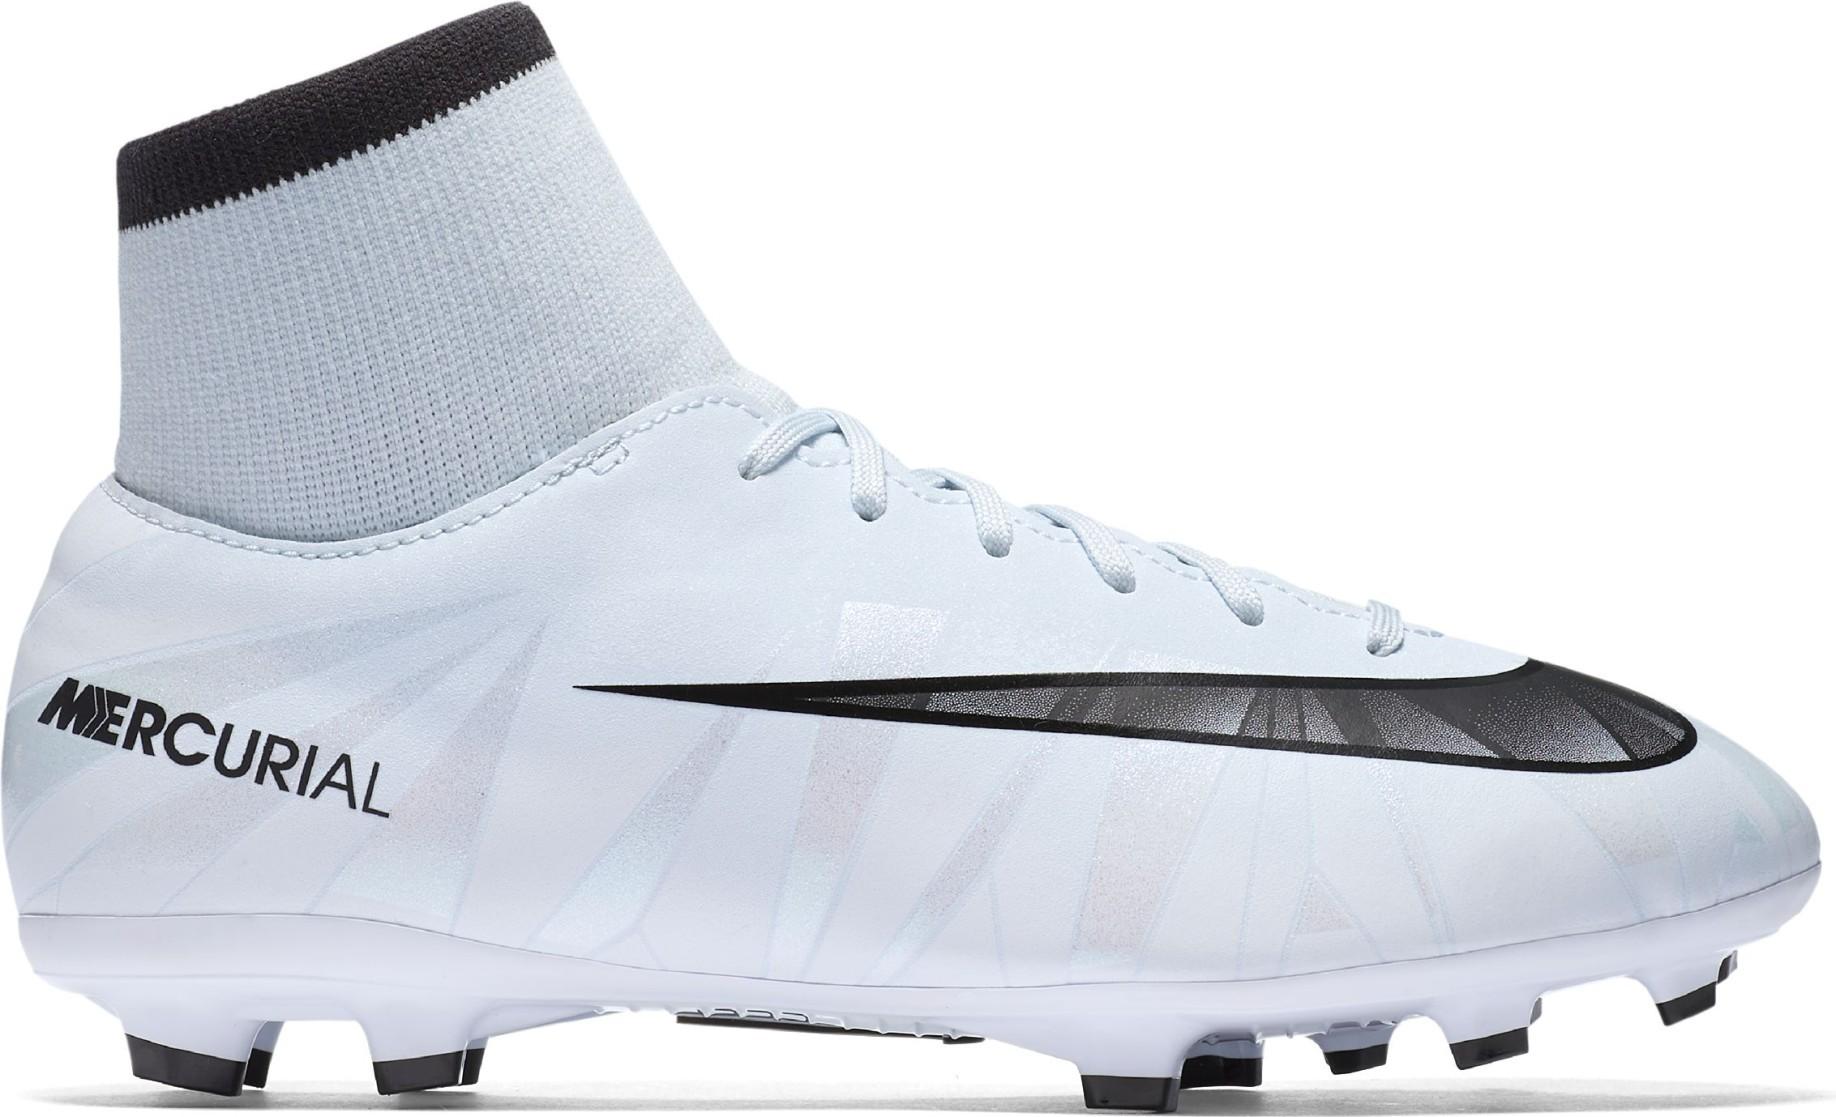 cr7 scarpe calcio